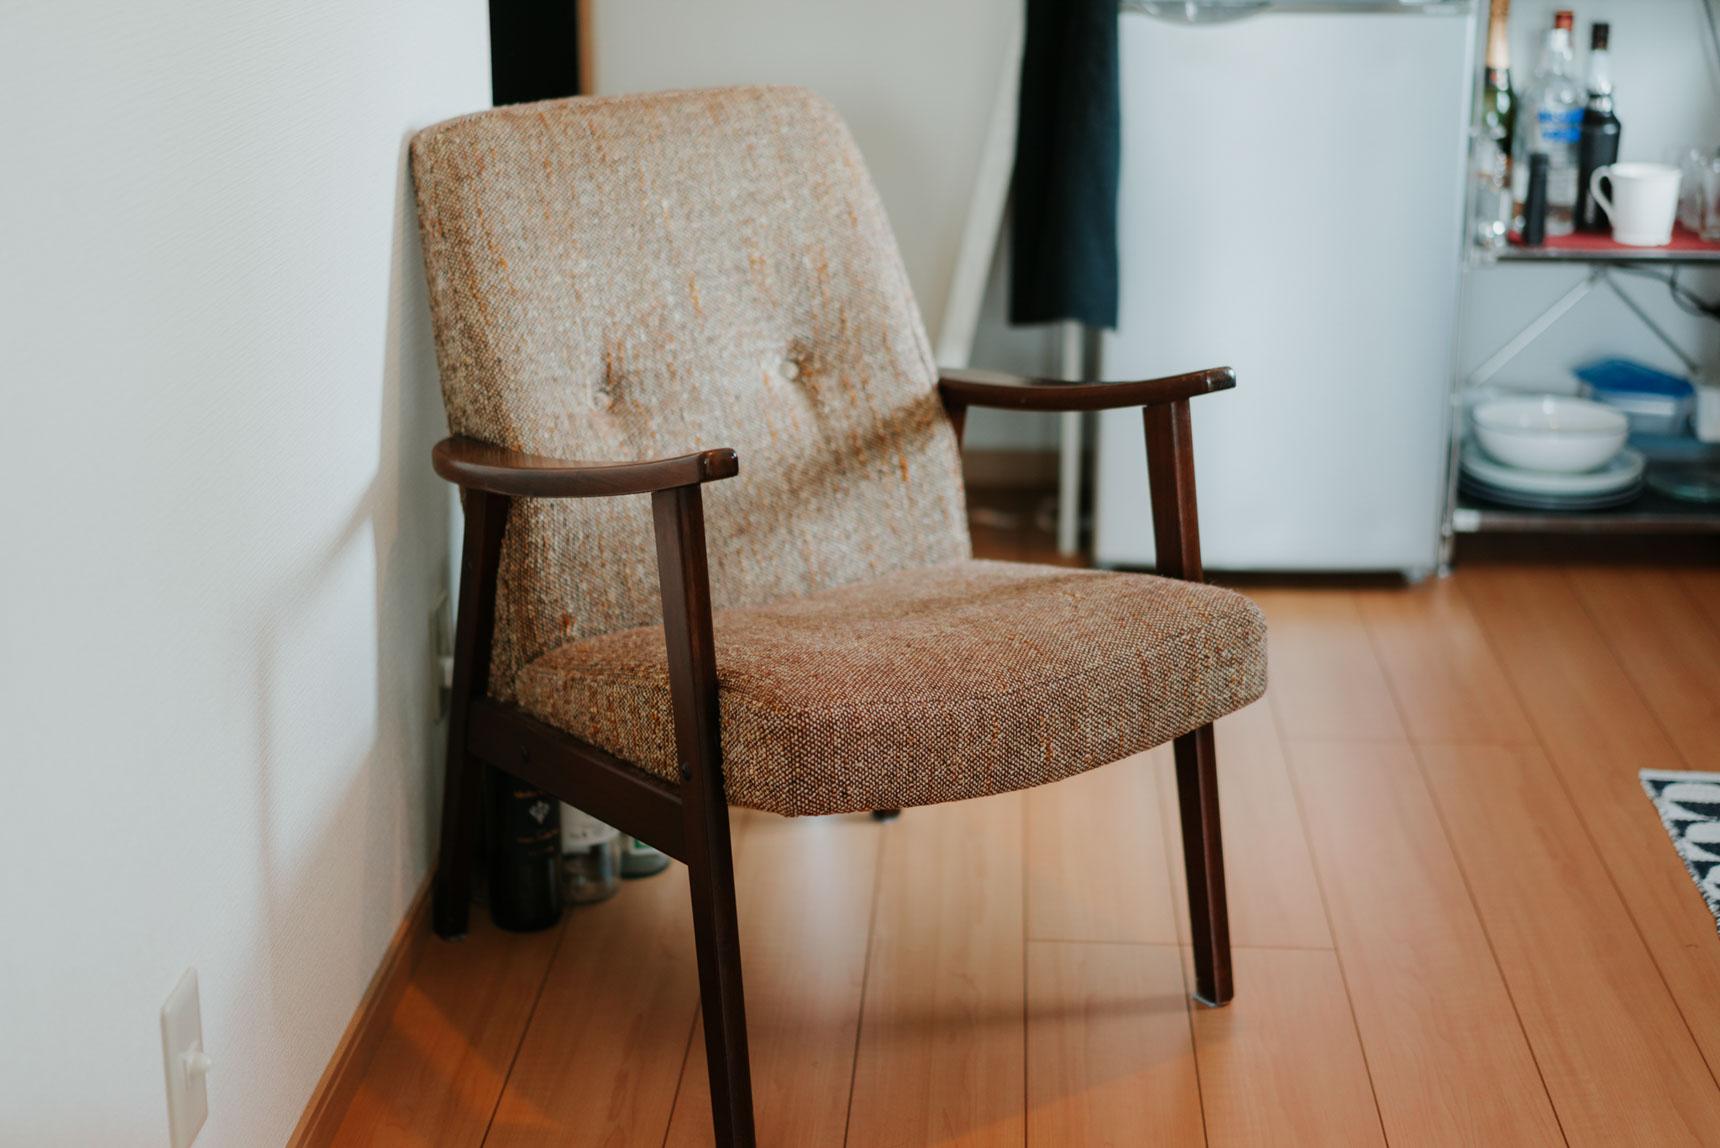 いかにも座り心地の良さそうな「リラックスチェア」を2つ置いて、読書をする時、食事をする時、人が来た時など、場合に応じて場所を移動して使います。